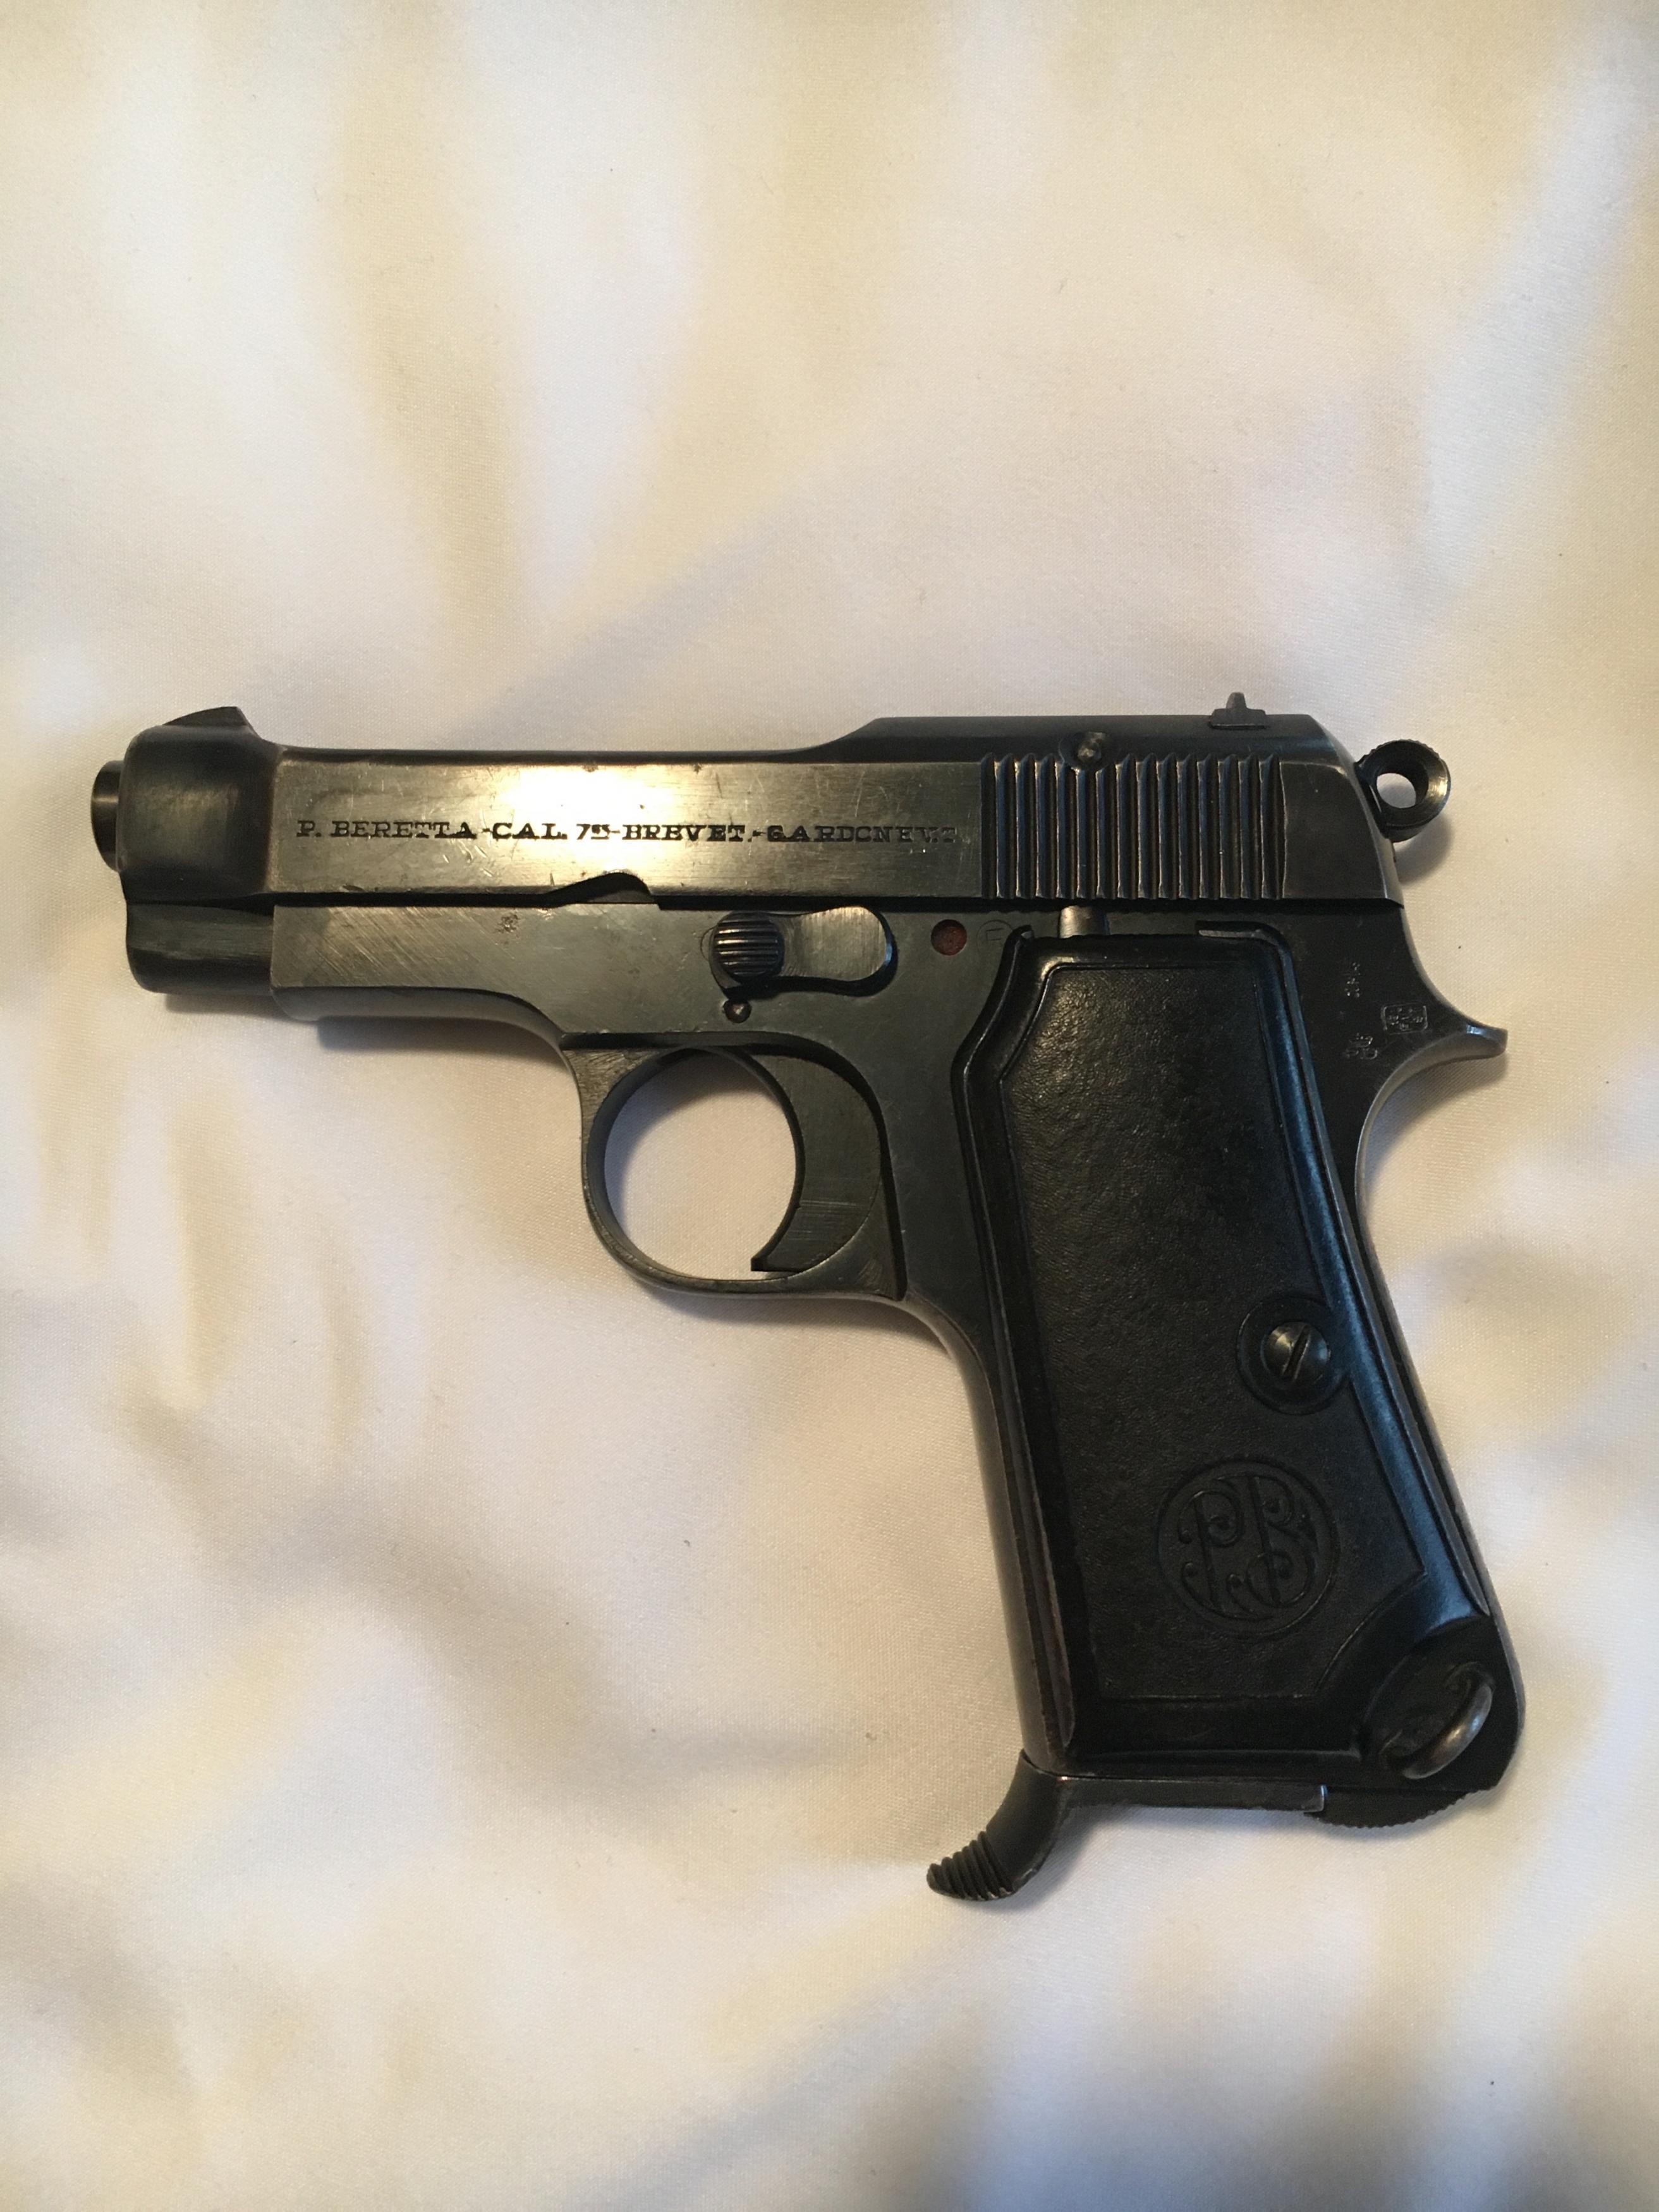 Beretta 1934 Markings?